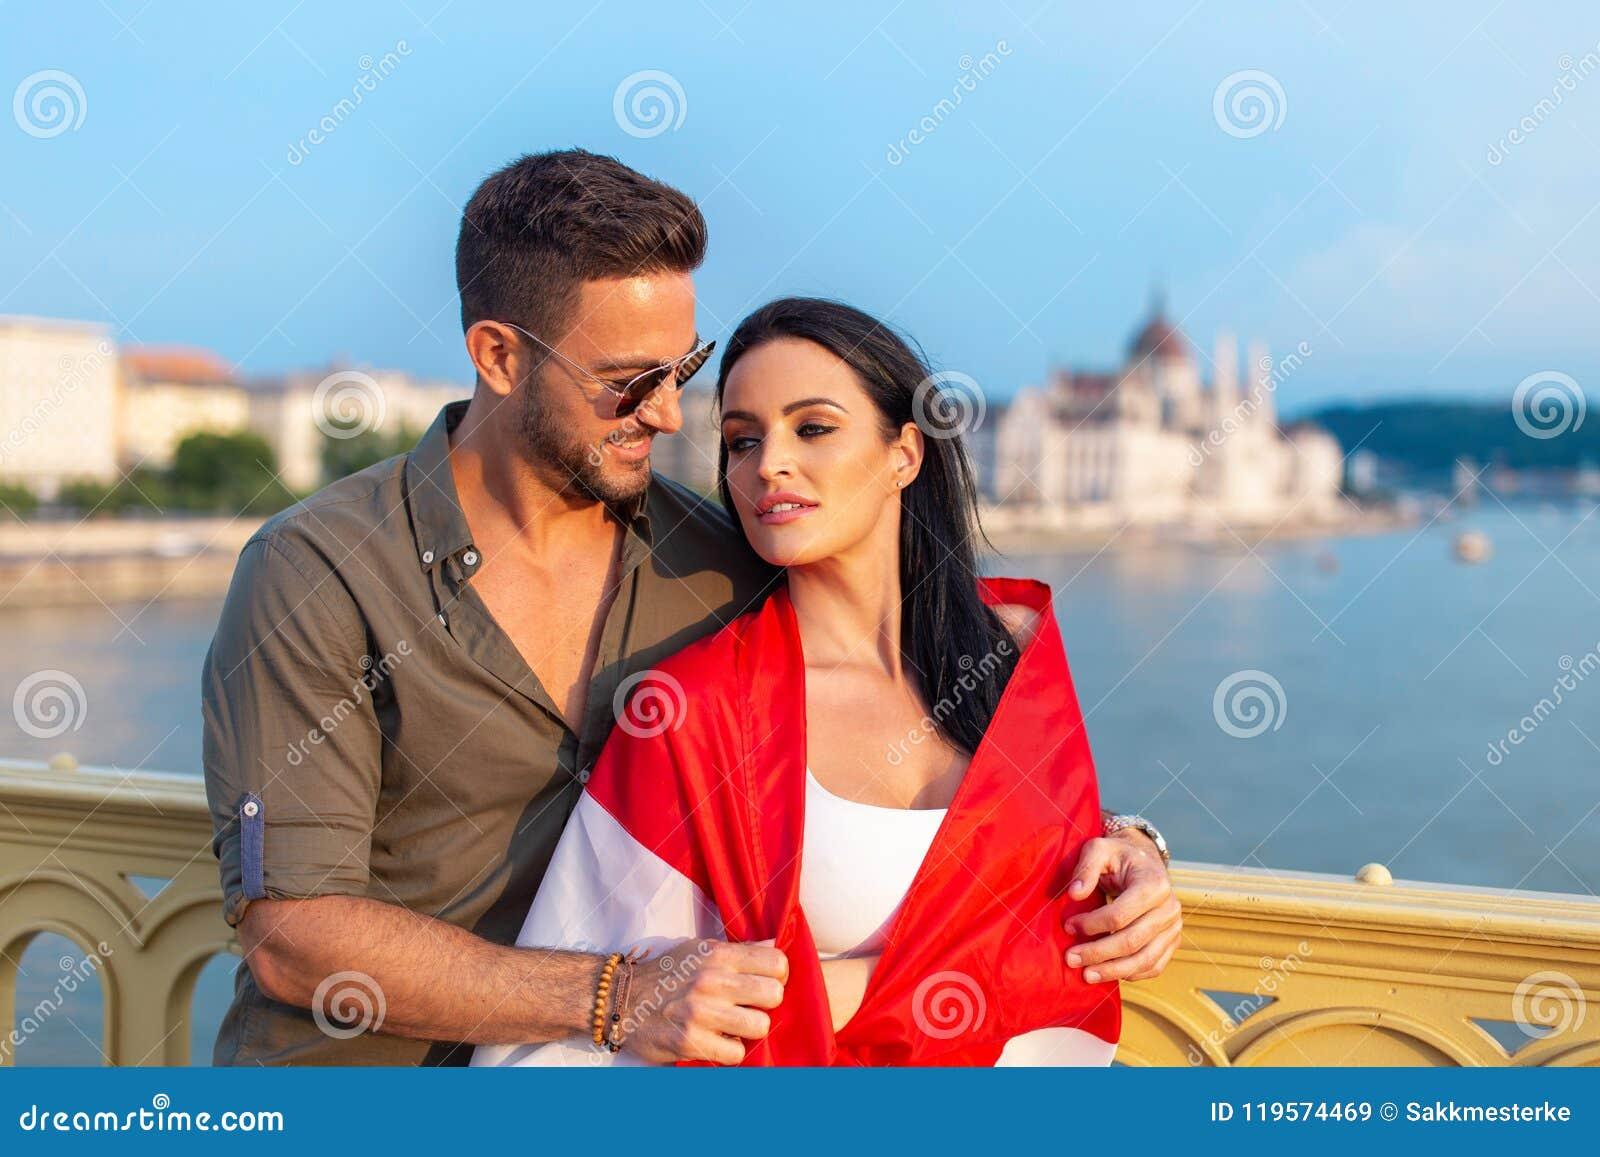 Hongarije dating gratis Basra dating